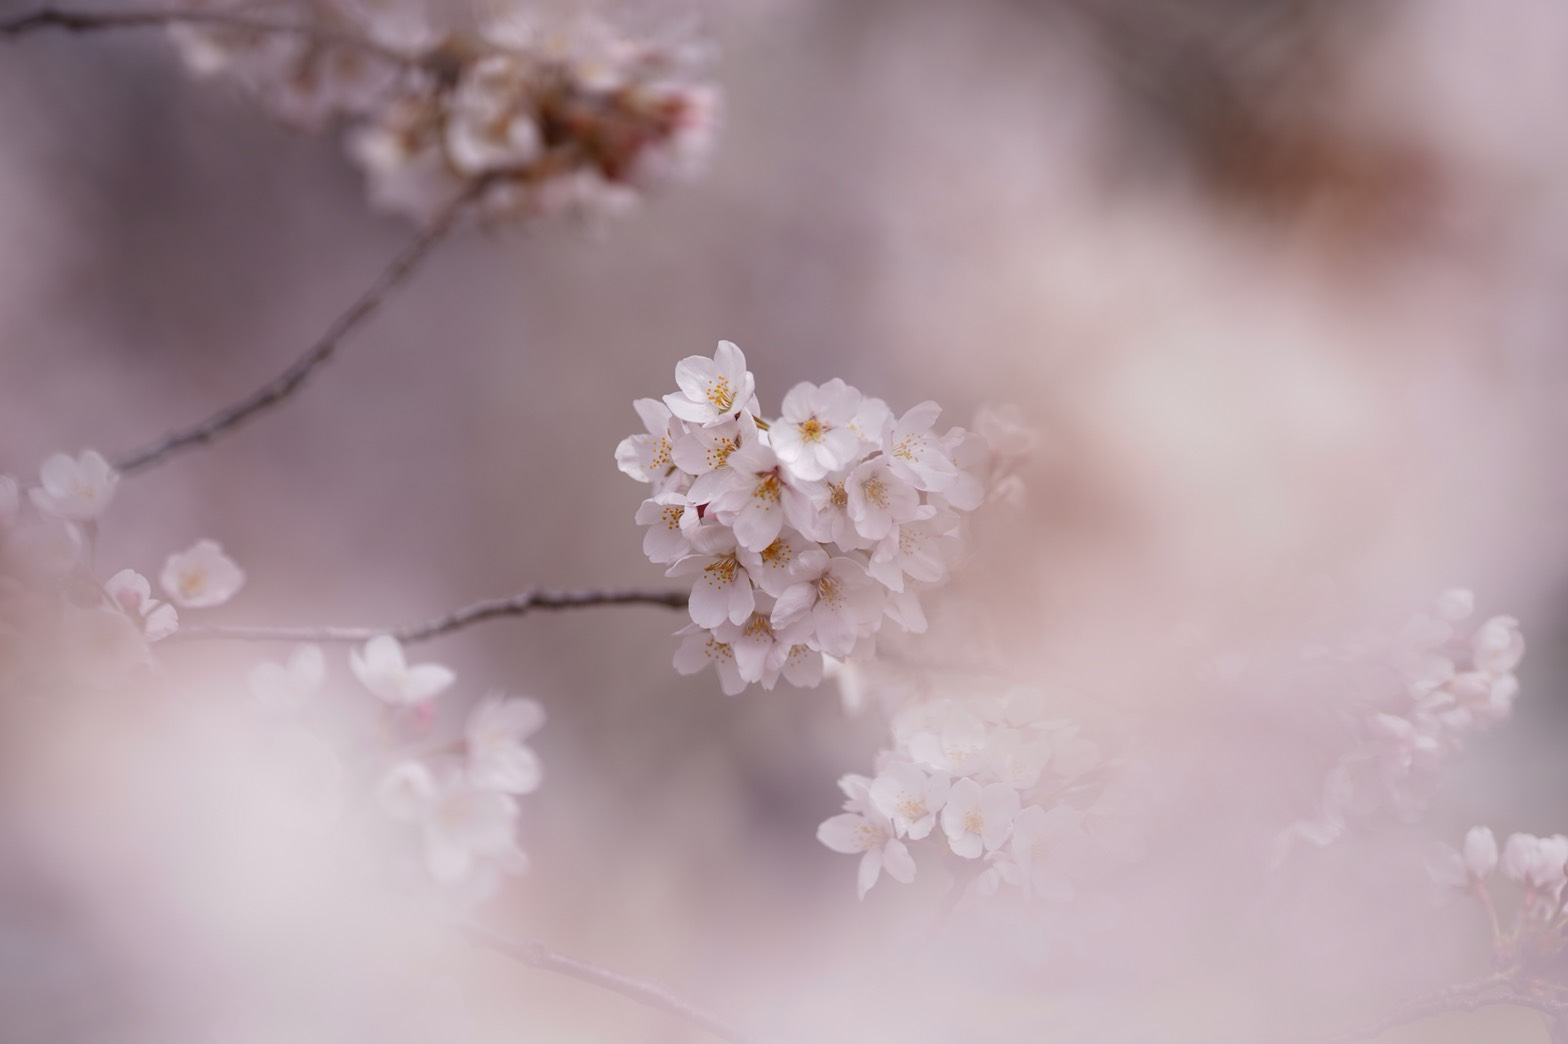 春の絨毯シバザクラ画像